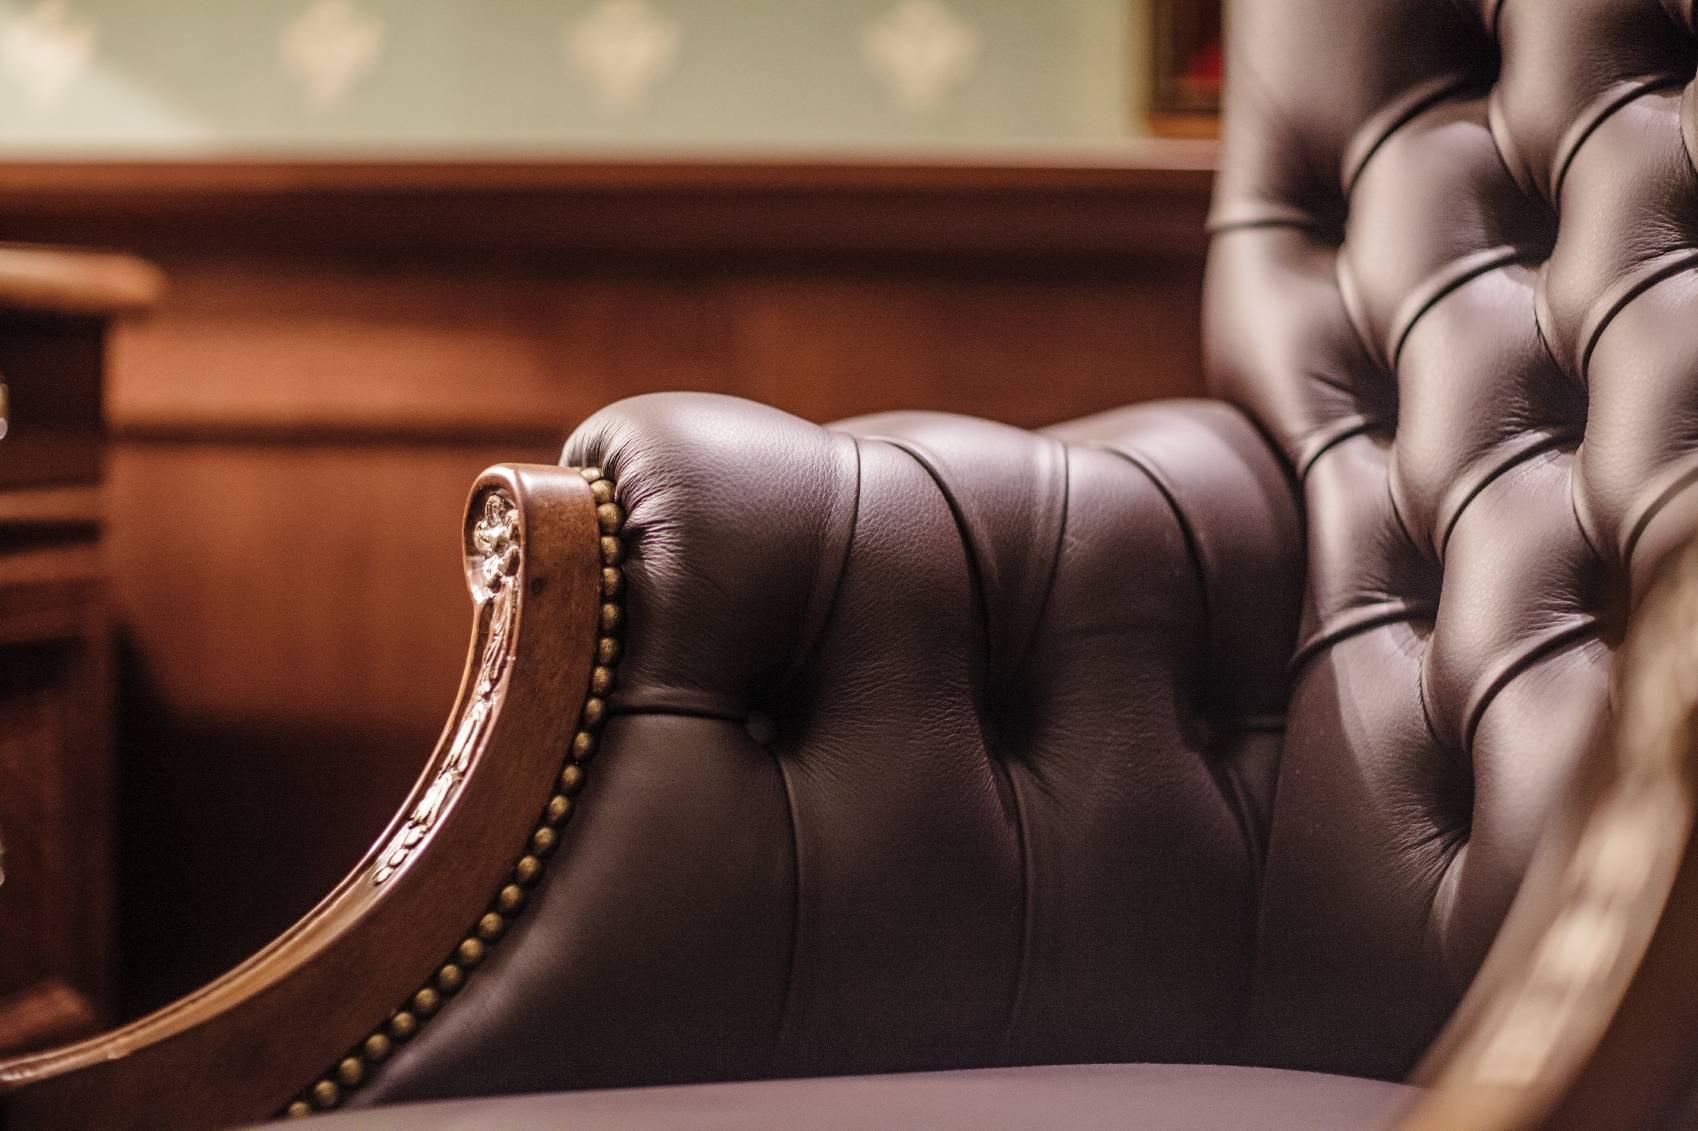 les bonnes pratiques pour entretenir un mobilier d. Black Bedroom Furniture Sets. Home Design Ideas